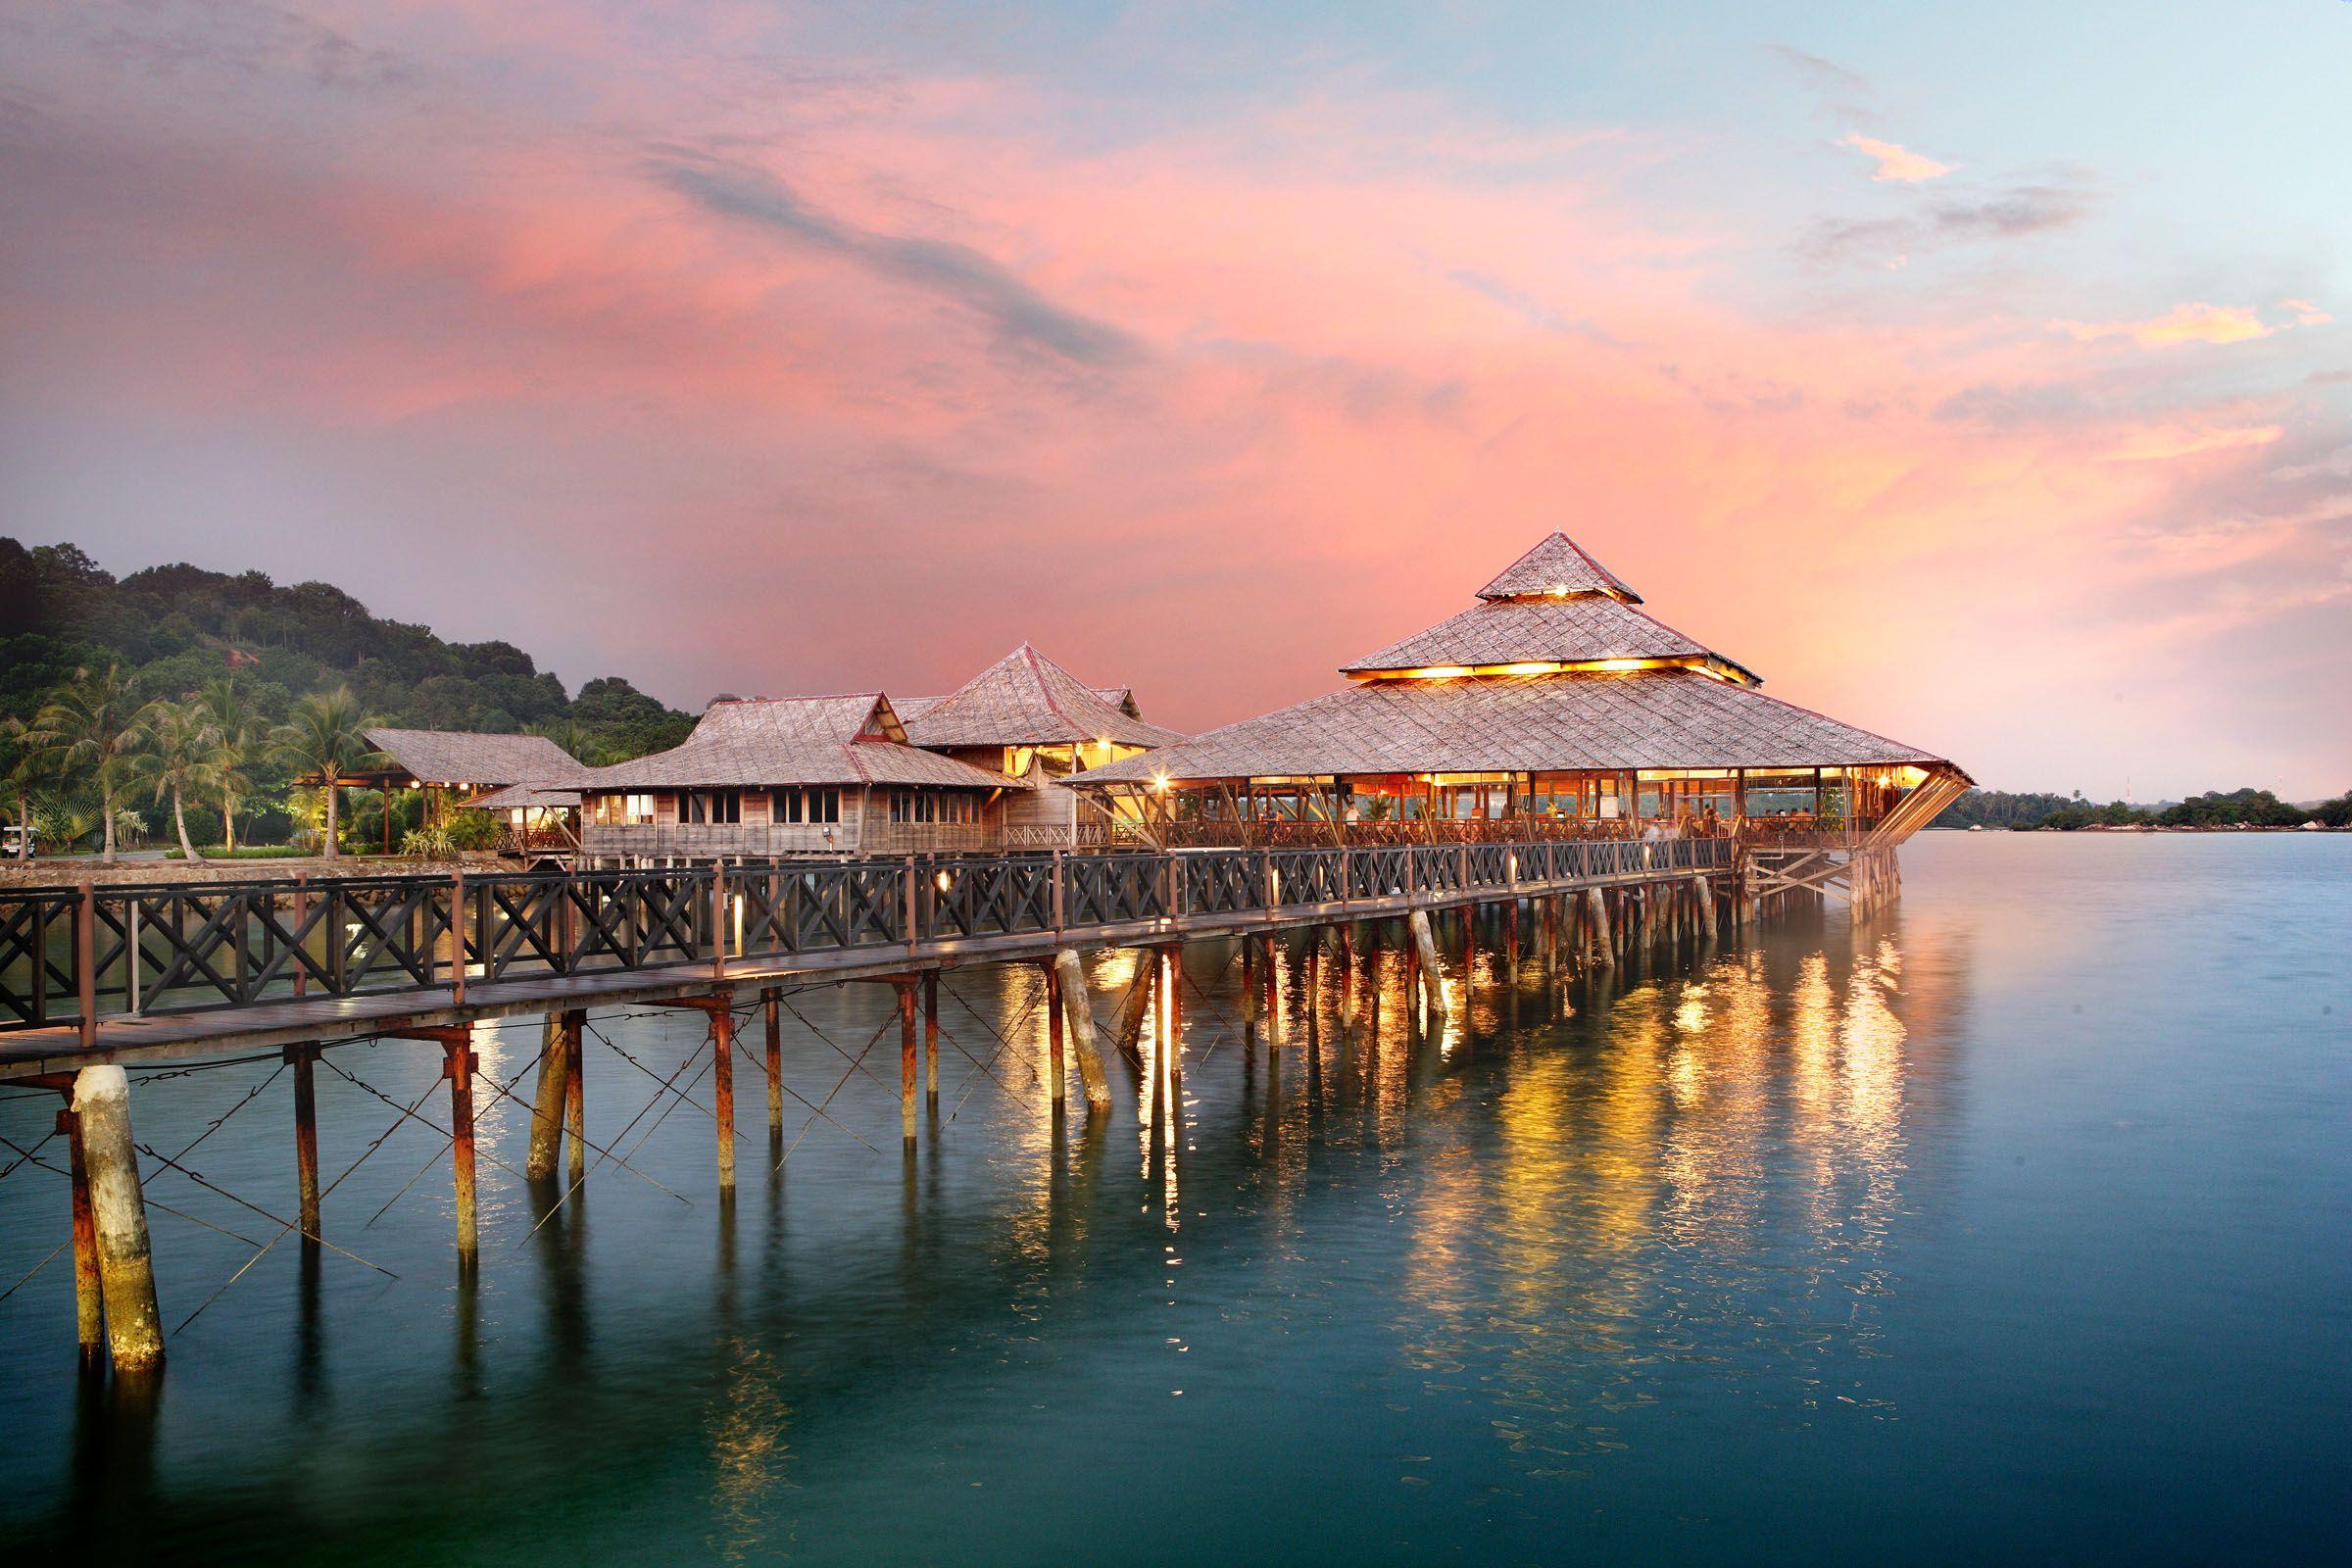 【暑期】新加坡民丹岛4晚6日(南京东航直飞,民丹岛升级岛上民丹湖酒店